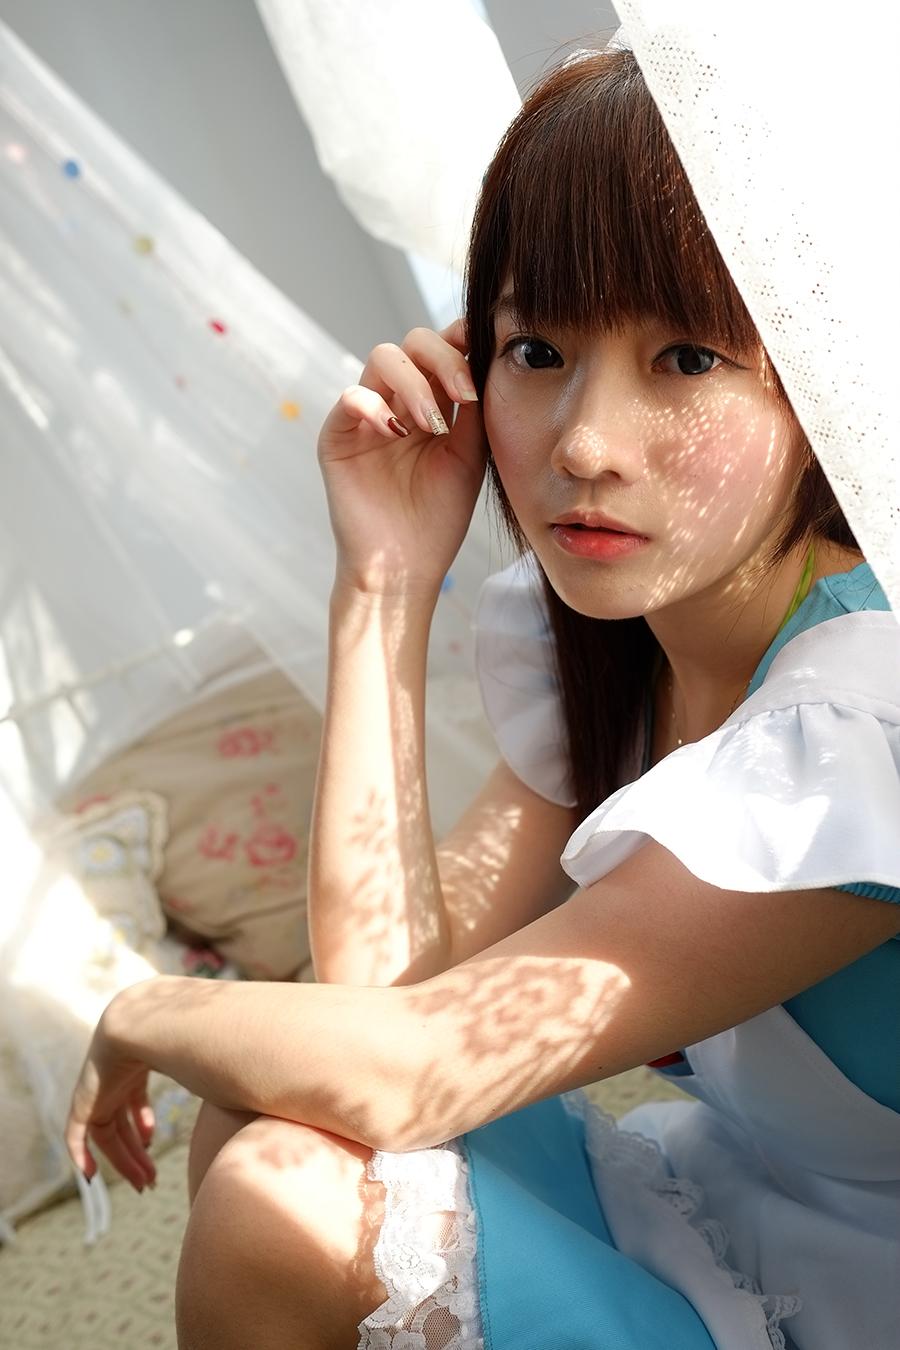 最近の台湾人女性。。。ぐうかわすぎて嫁にしたいンゴwwwwwwww(画像あり)・30枚目の画像